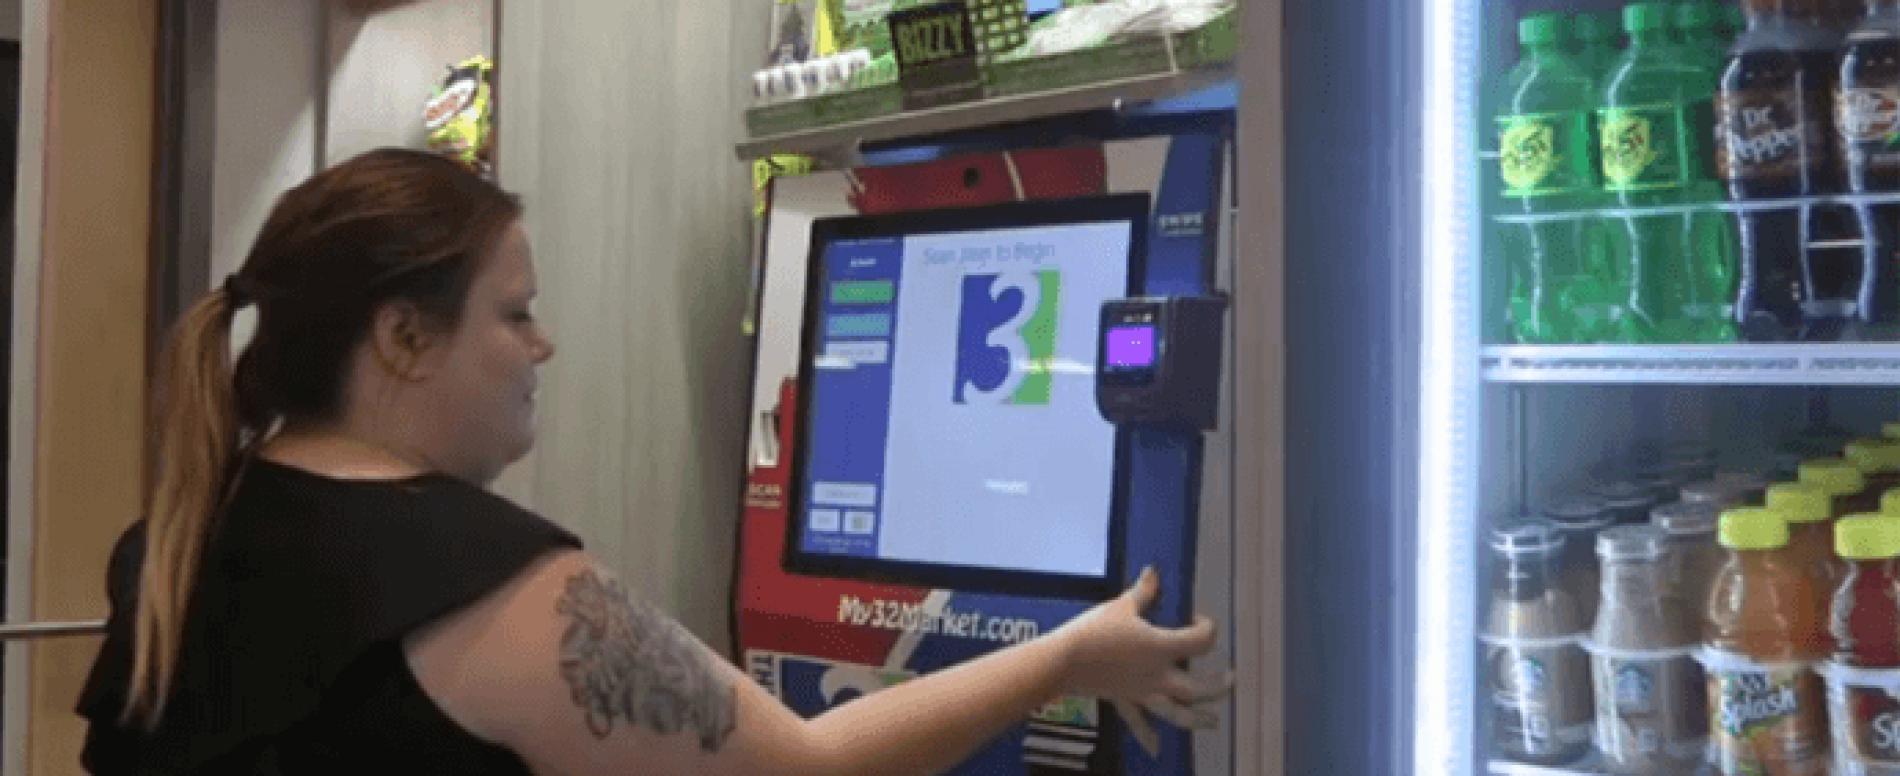 Il microchip sotto pelle è una realtà nel mondo dei pagamenti